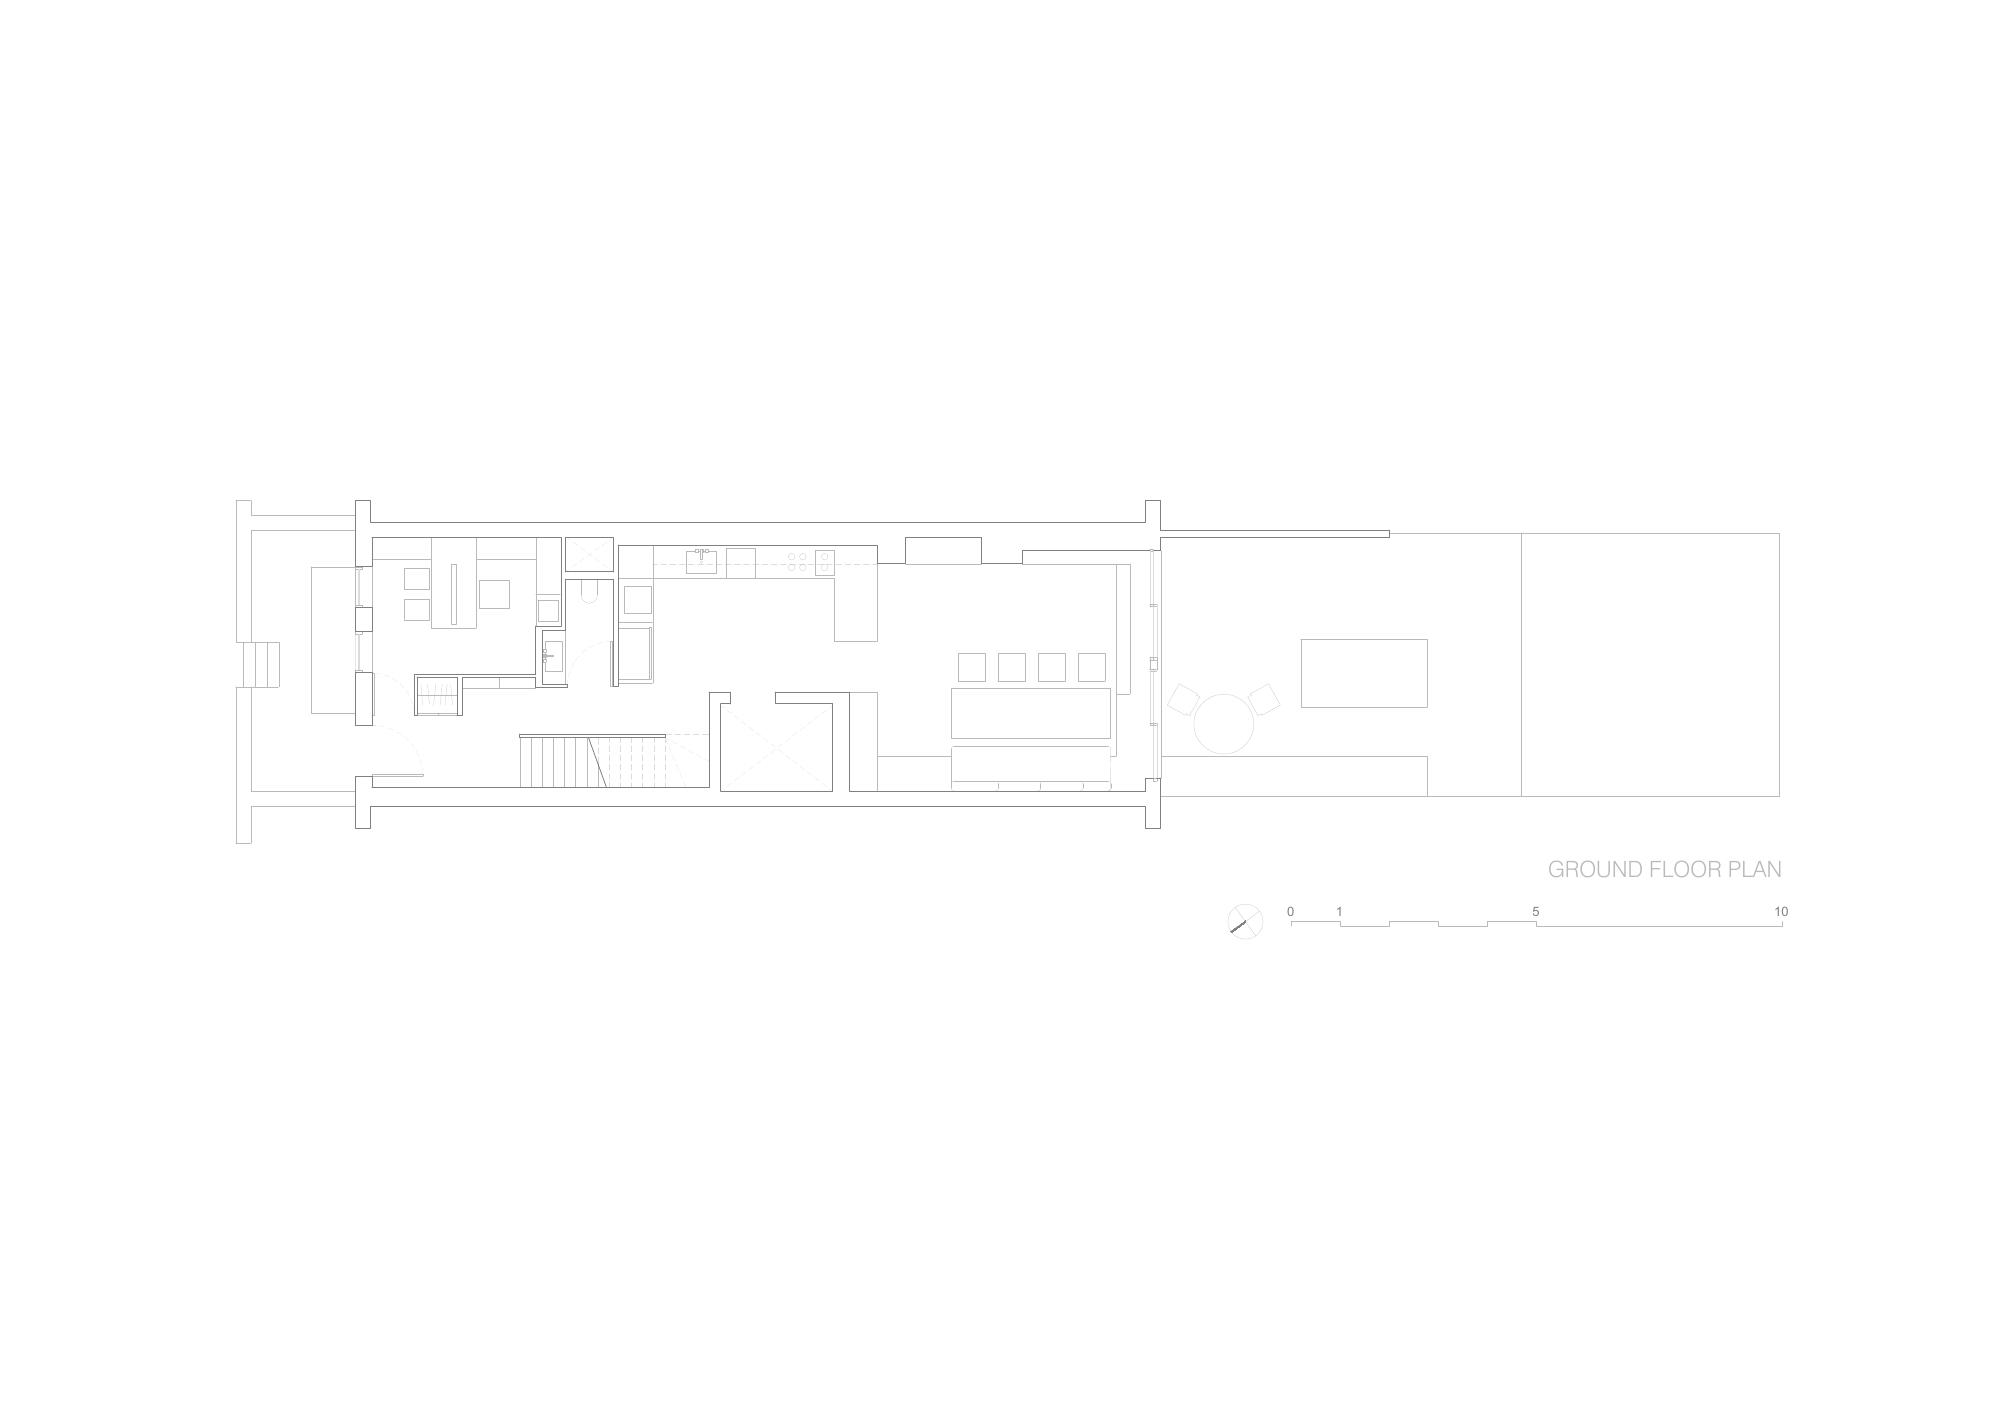 Brownstone Residence - Ground Floor Plan STUDIO ARTHUR CASAS}